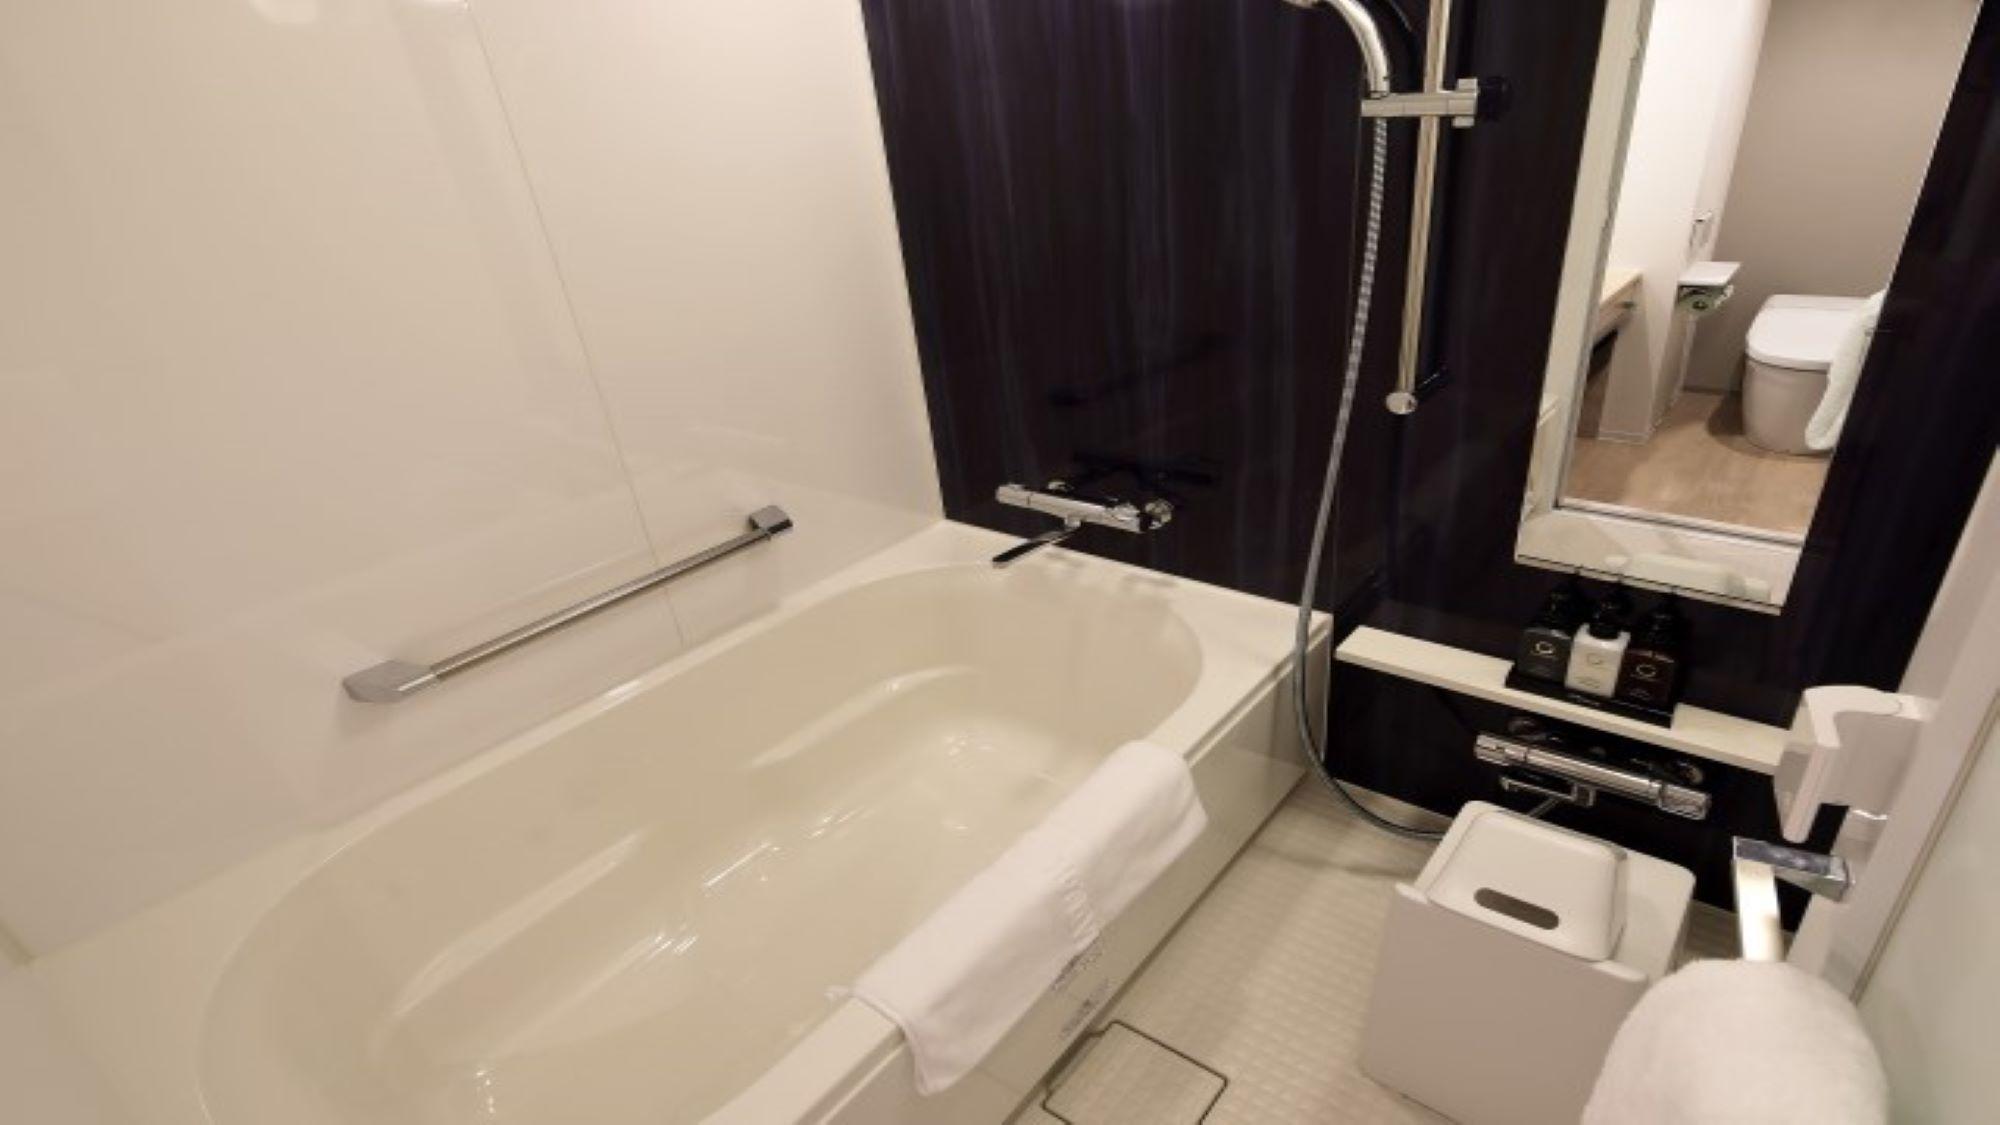 【全室】洗い場付きバスルーム(バリアフリールームを除く)